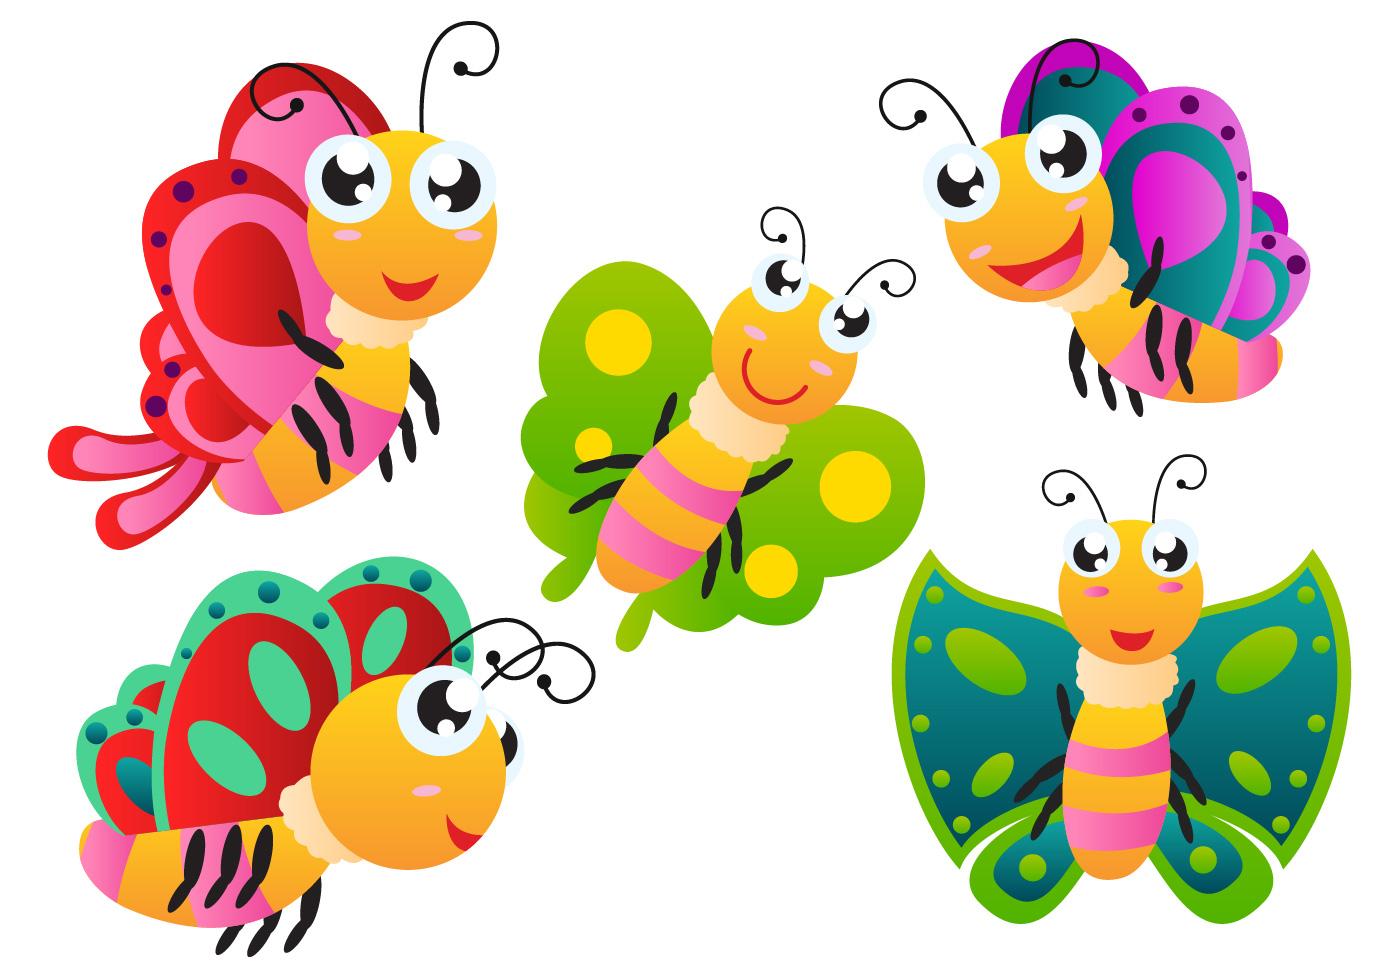 Cartoon Butterfly Vectors - Download Free Vector Art ...